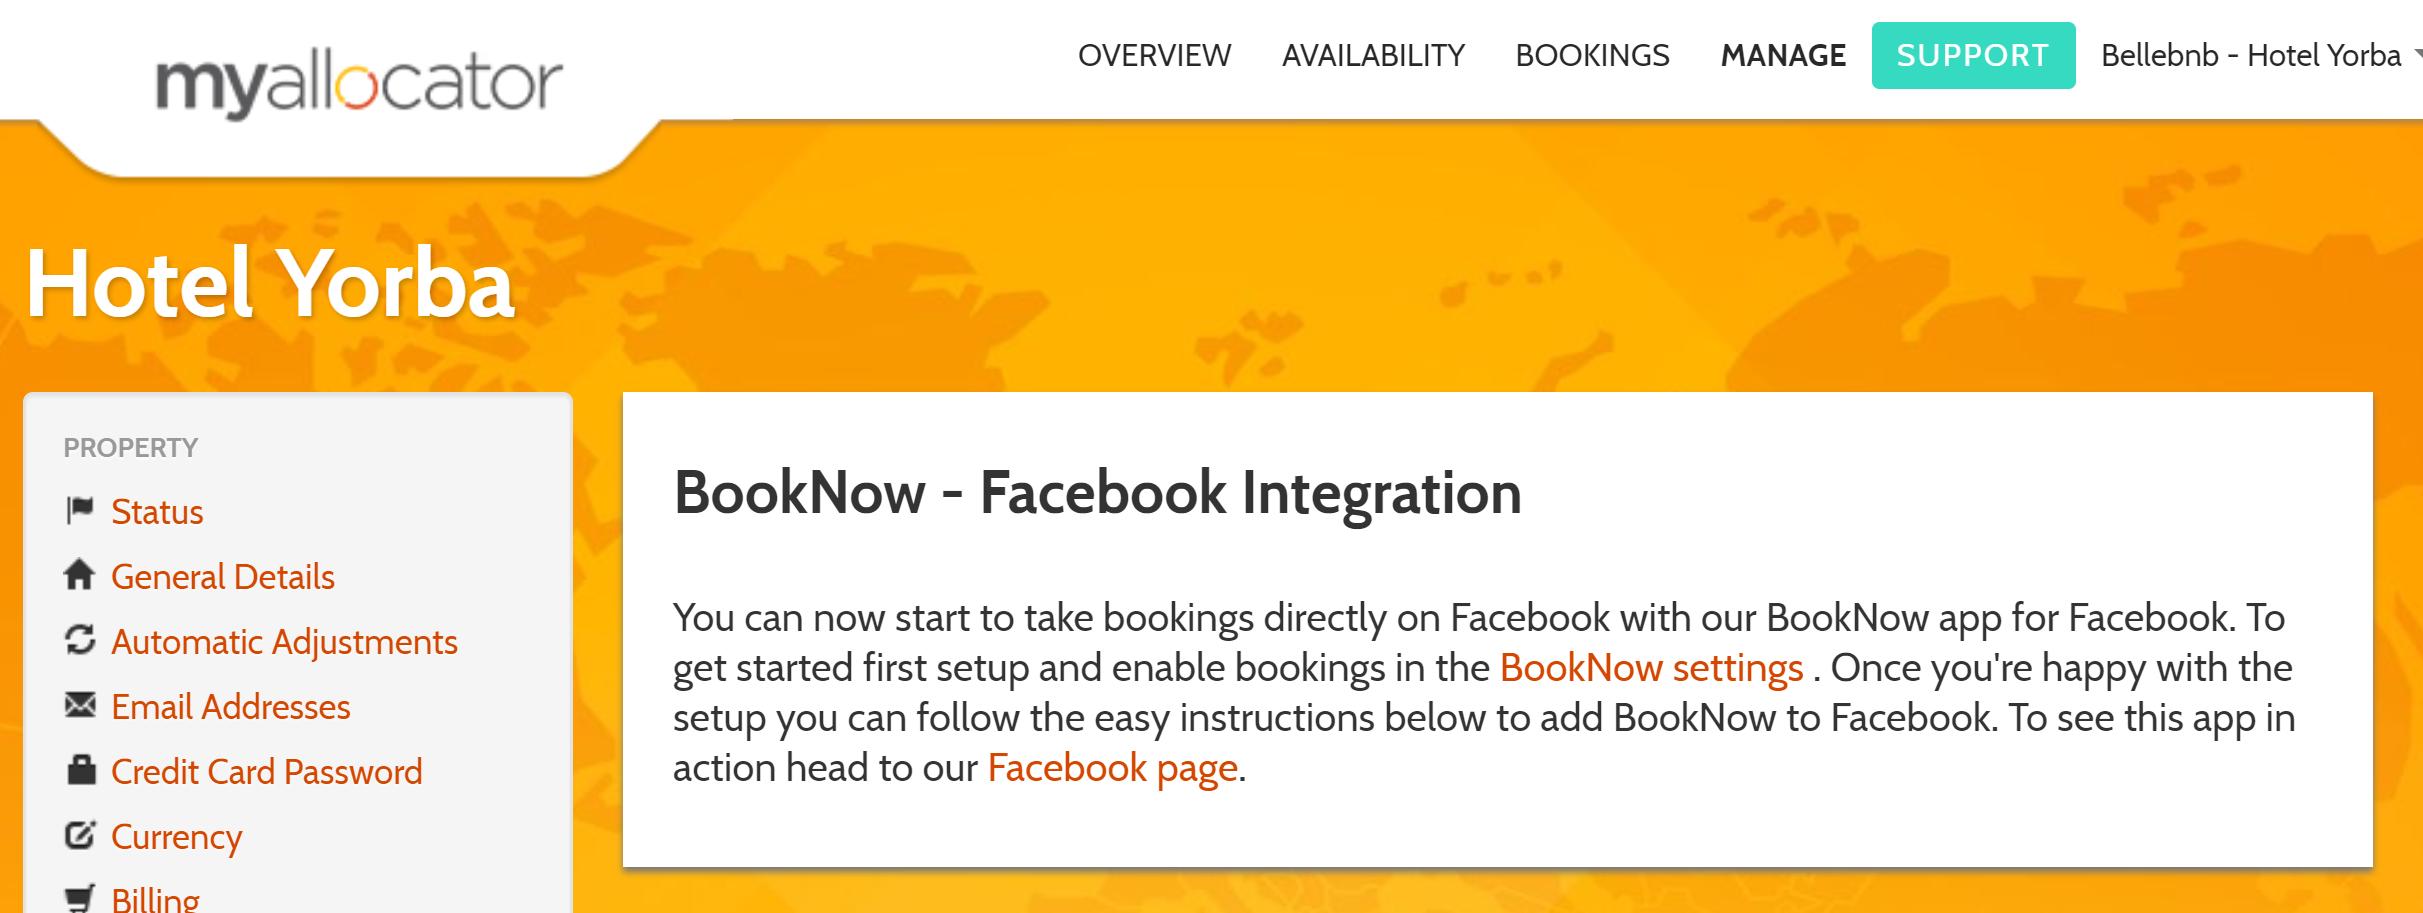 Ενσωμάτωση μέσω Facebook Μπορείτε να δεχτείτε κρατήσεις απευθείας από τη σελίδα του ξενοδοχείου στο Facebook χρησιμοποιώντας ένα από τα γραφικά στοιχεία ενσωμάτωσης που διατίθενται μέσω του διαχειριστή καναλιών. Η προσθήκη ενός γραφικού στοιχείου κράτησης μπορεί να γίνει σε μερικά βήματα και όλες οι κρατήσεις σας που εισέρχονται μέσω της σελίδας σας στο Facebook είναι δωρεάν